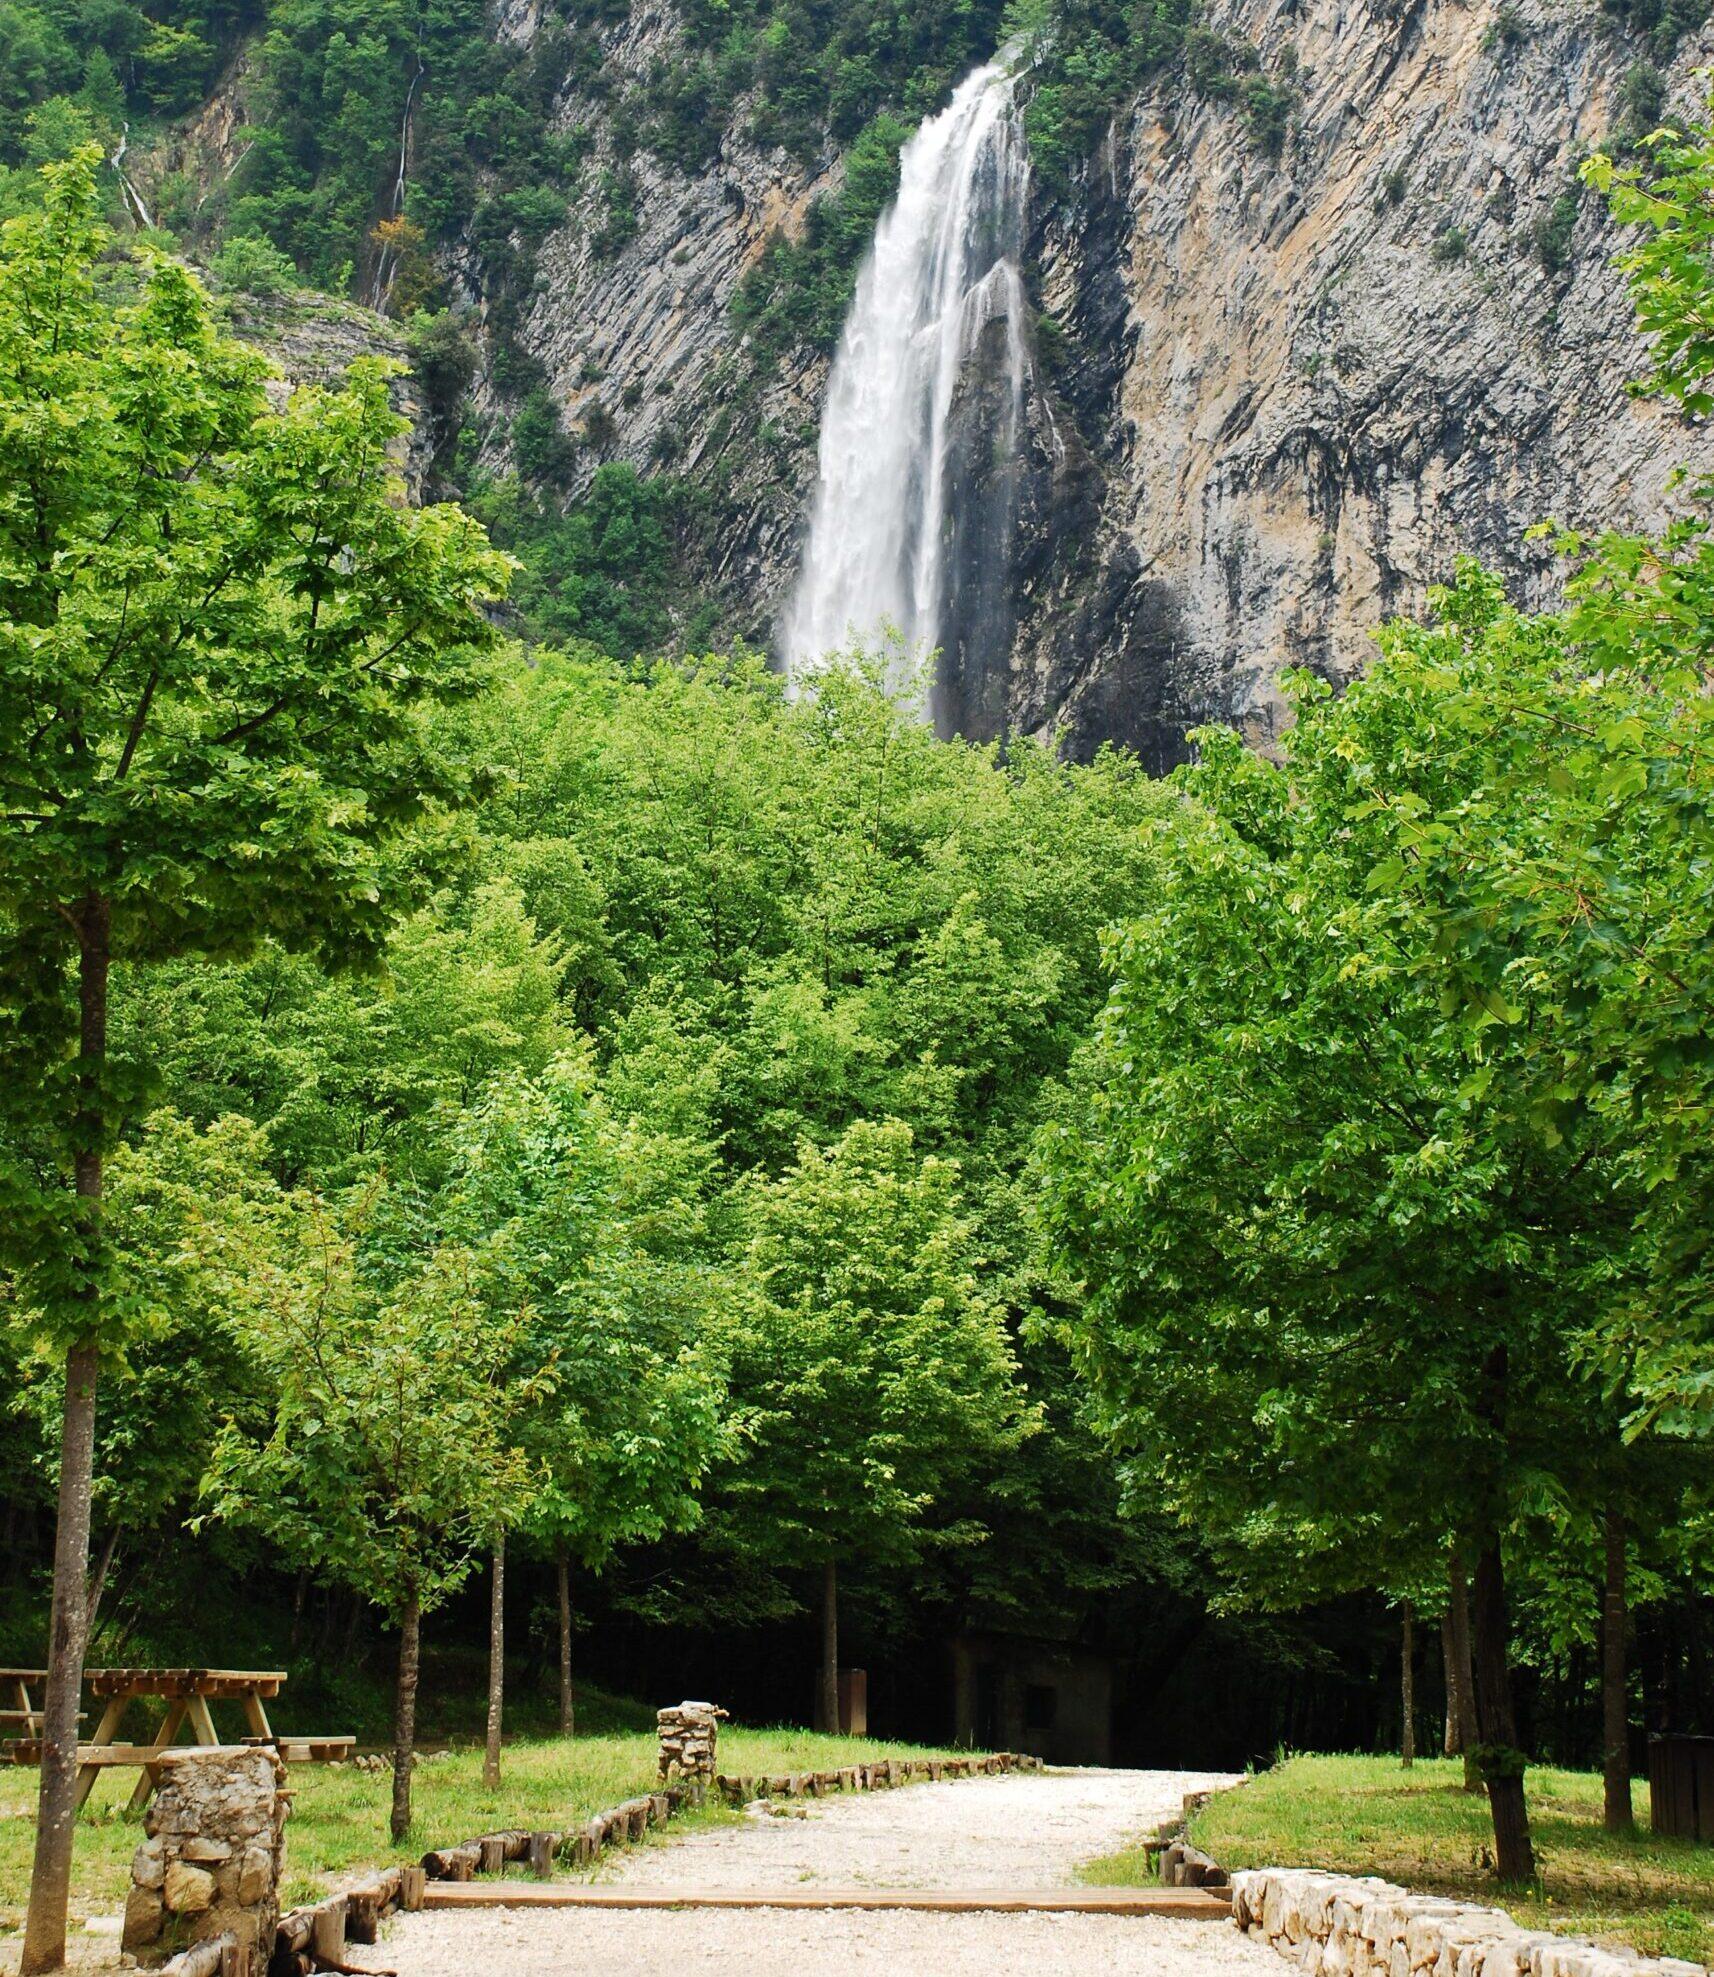 La Riserva Naturale Zompo lo Schioppo vince il premio Traveller's Choice di Trip Advisor